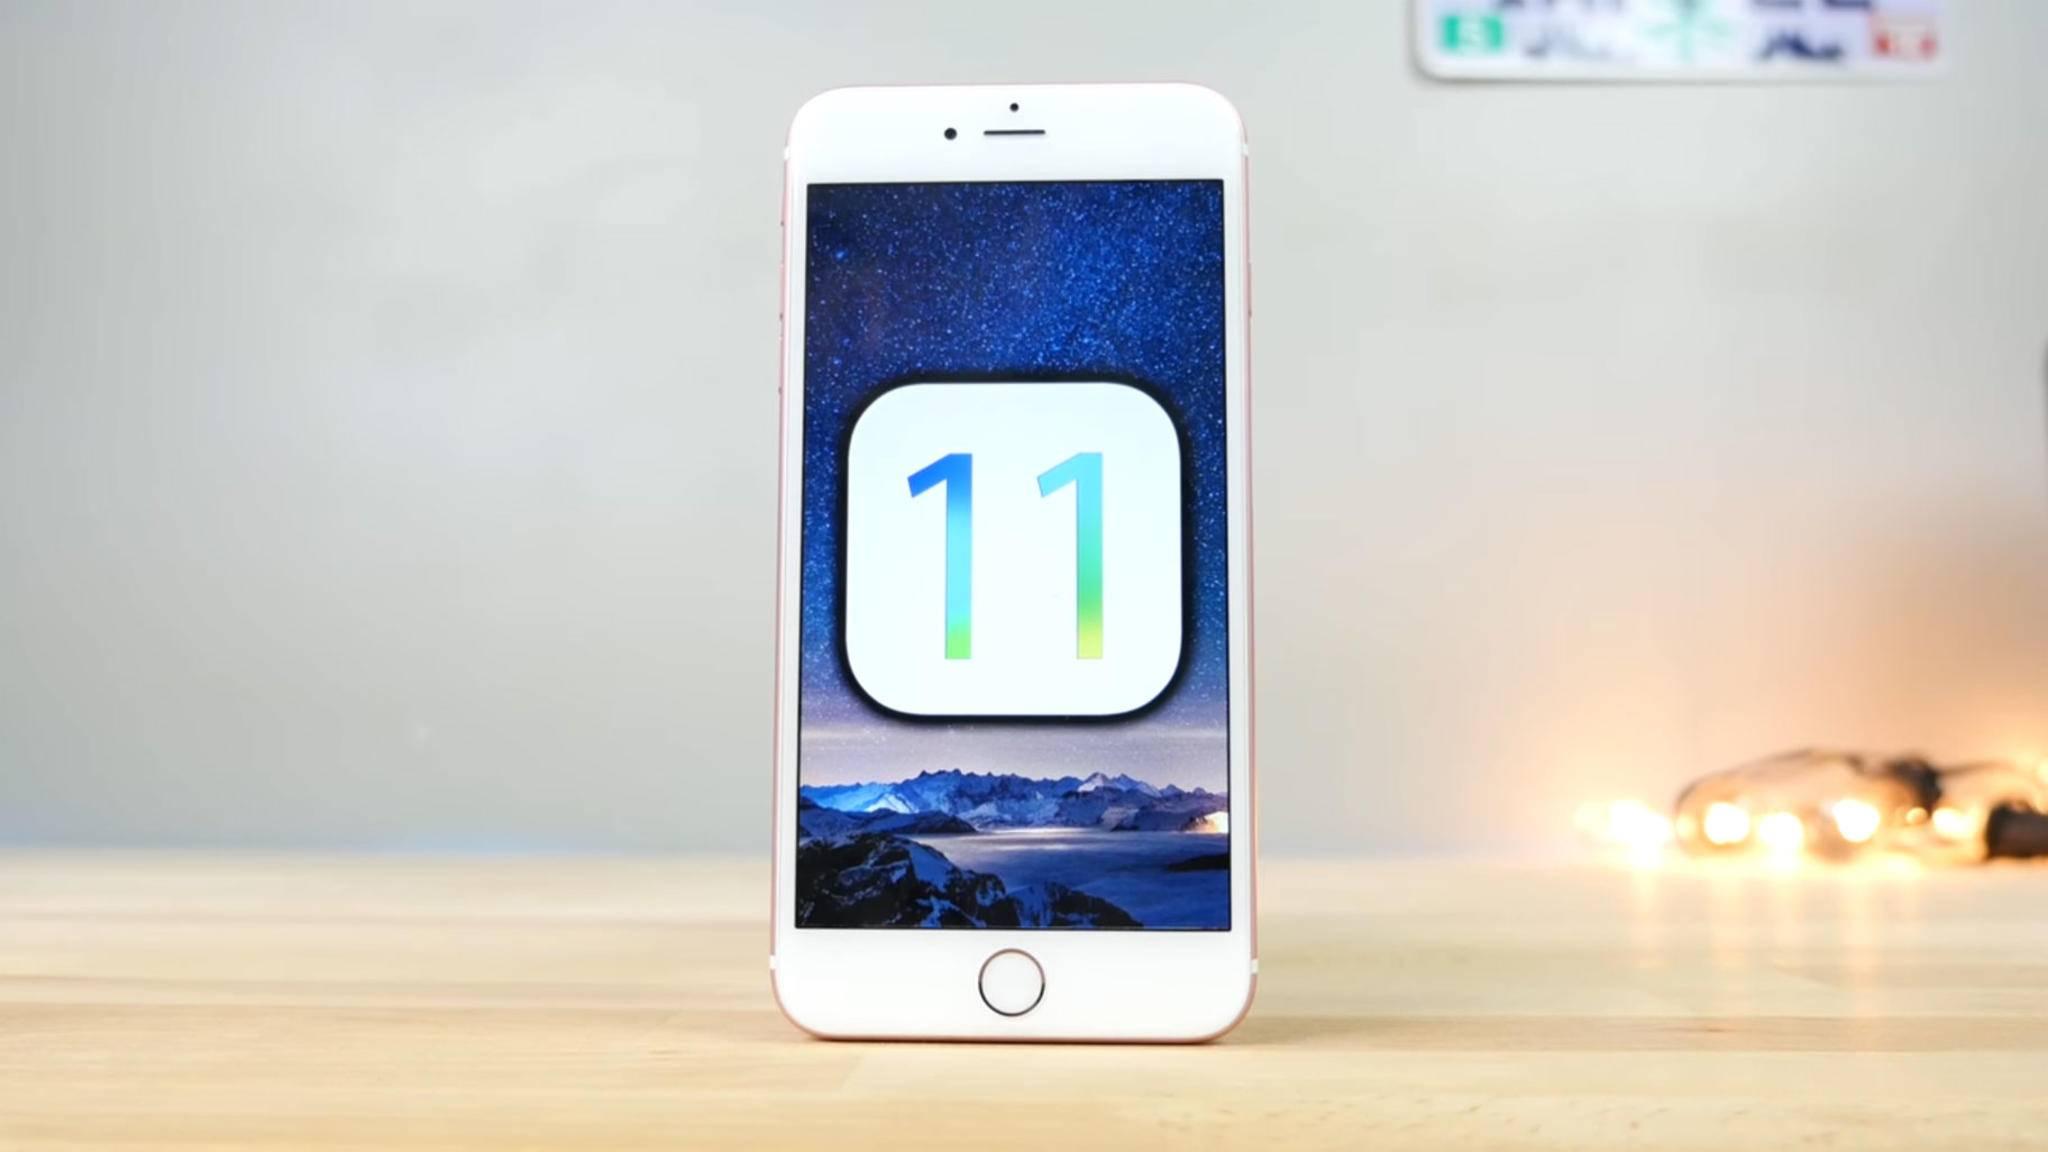 So kannst Du überprüfen, welche Apps unter iOS 11 nicht mehr funktionieren.